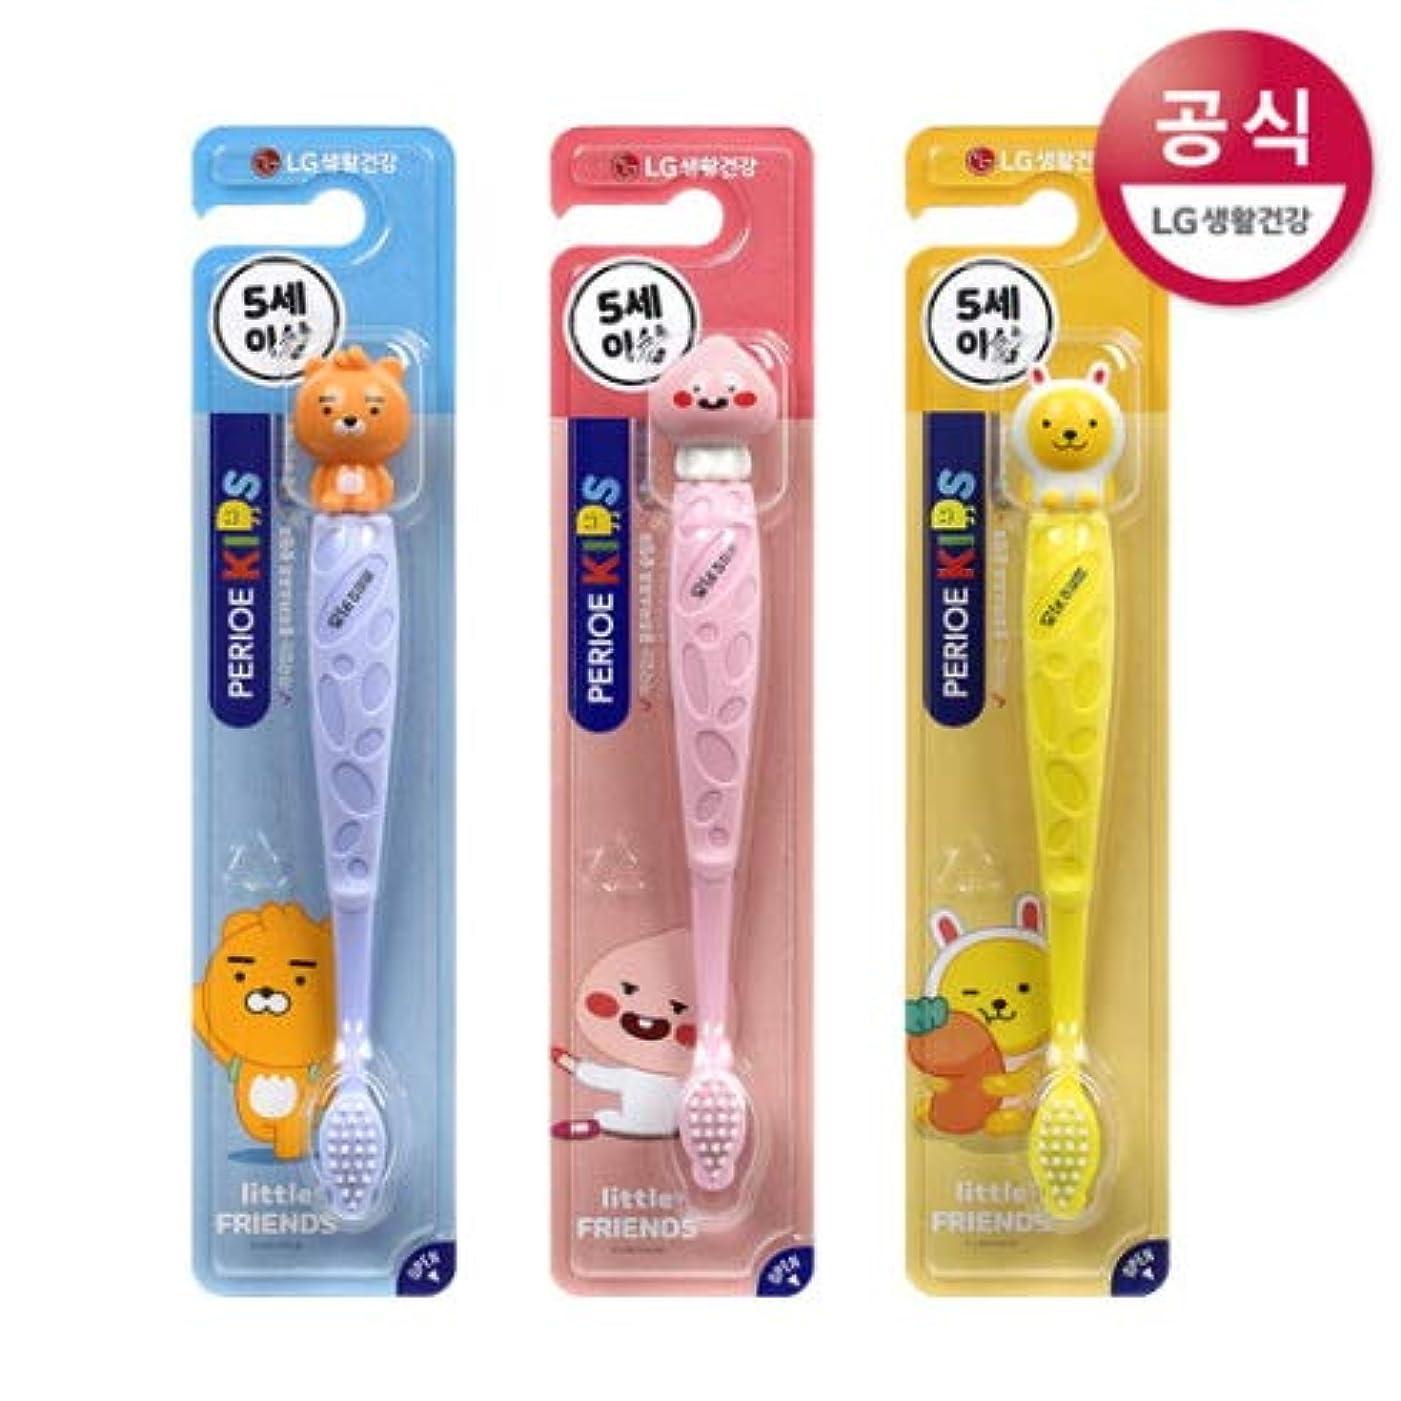 その他ファイアル動力学[LG HnB] Pero Kids Cocoa Figure Toothbrush/ペリオ子供カカオフィギュア歯ブラシ 1口x3個(海外直送品)